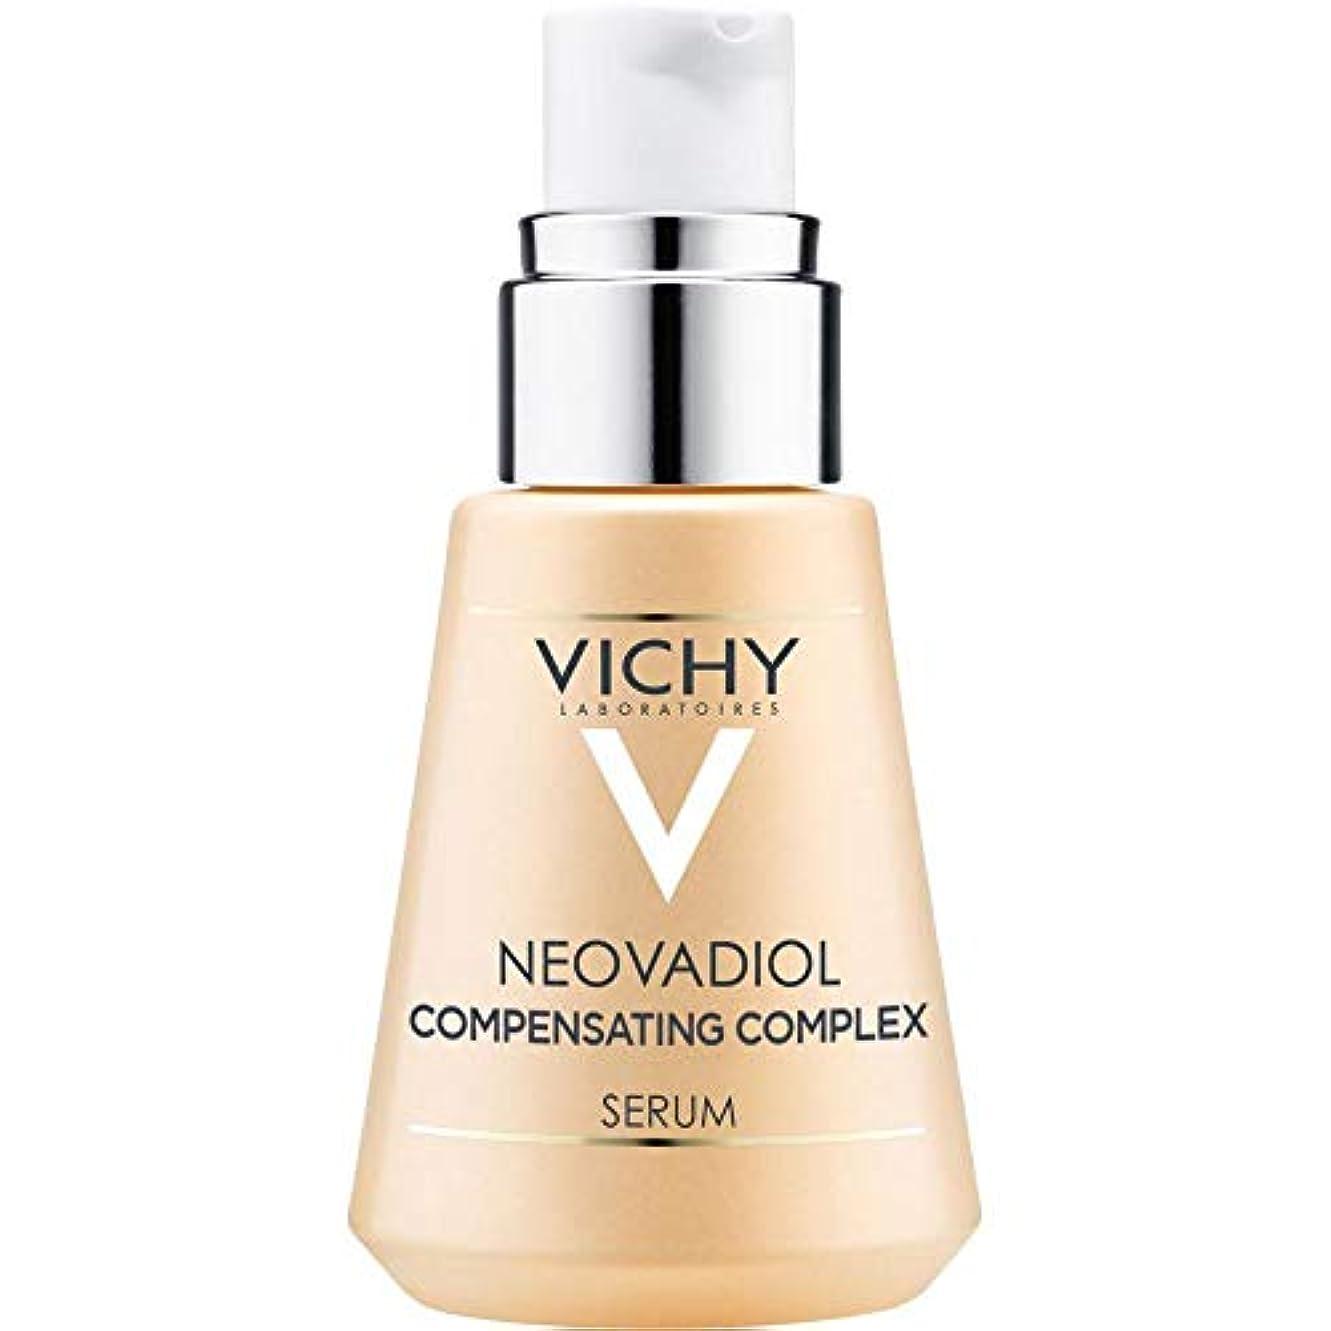 居間音とまり木[Vichy] 複雑なセラム30Mlを補償Neovadiolヴィシー - Vichy Neovadiol Compensating Complex Serum 30ml [並行輸入品]